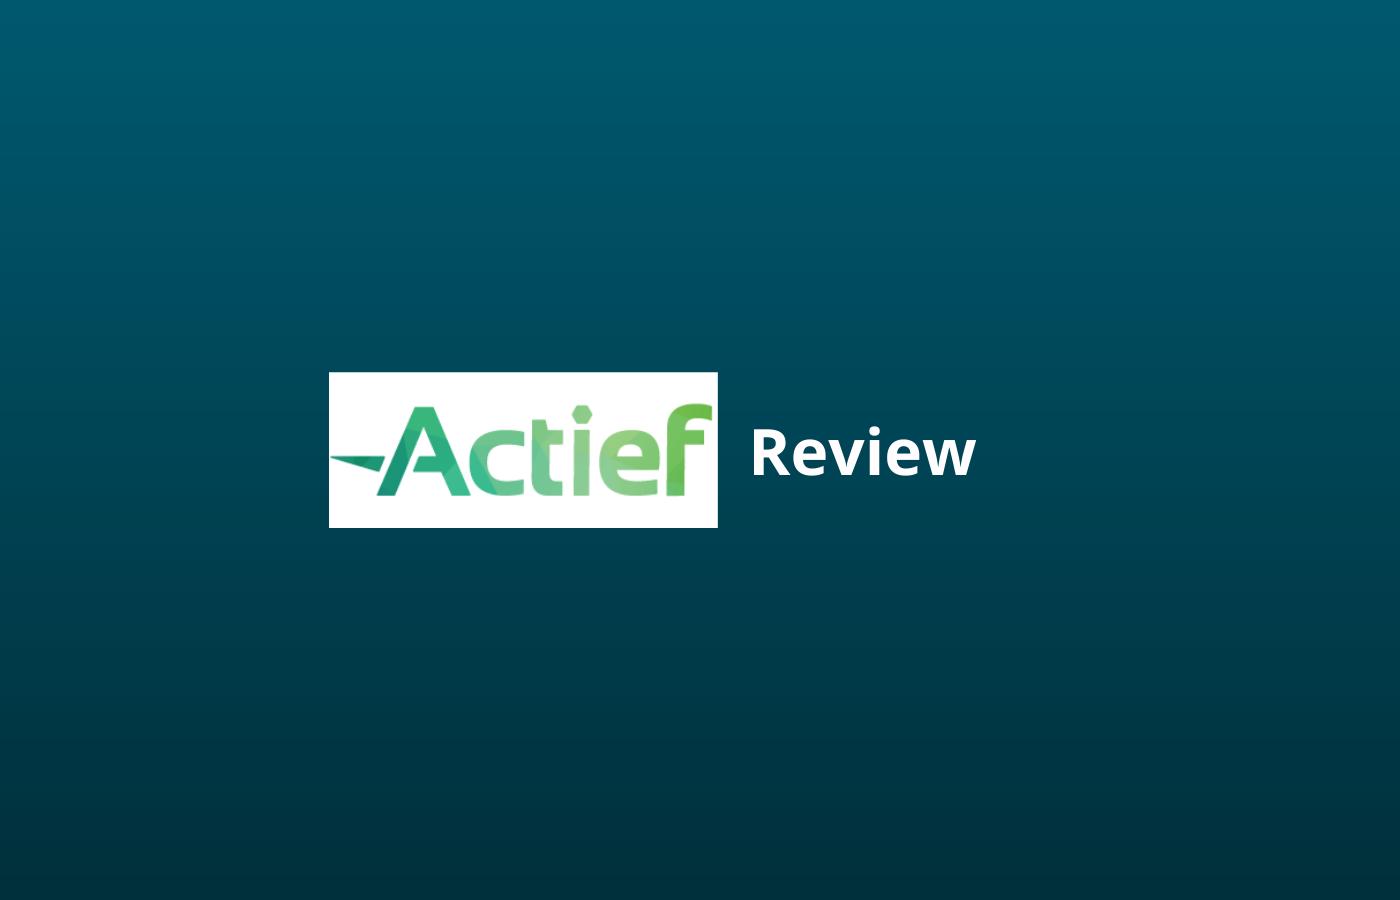 actief ervaringen review